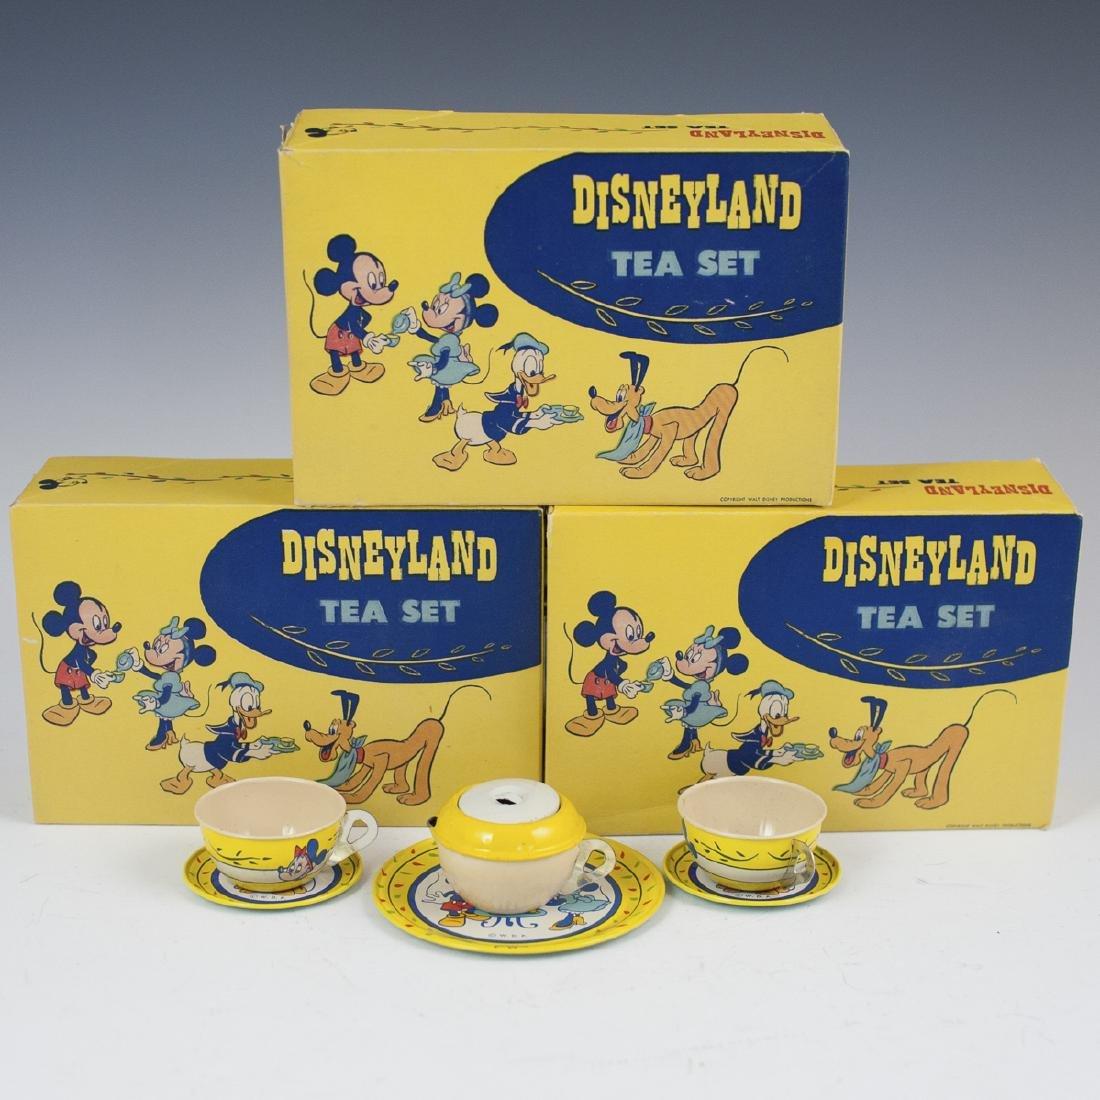 Disneyland J Chien & Co. Enameled Tea Sets